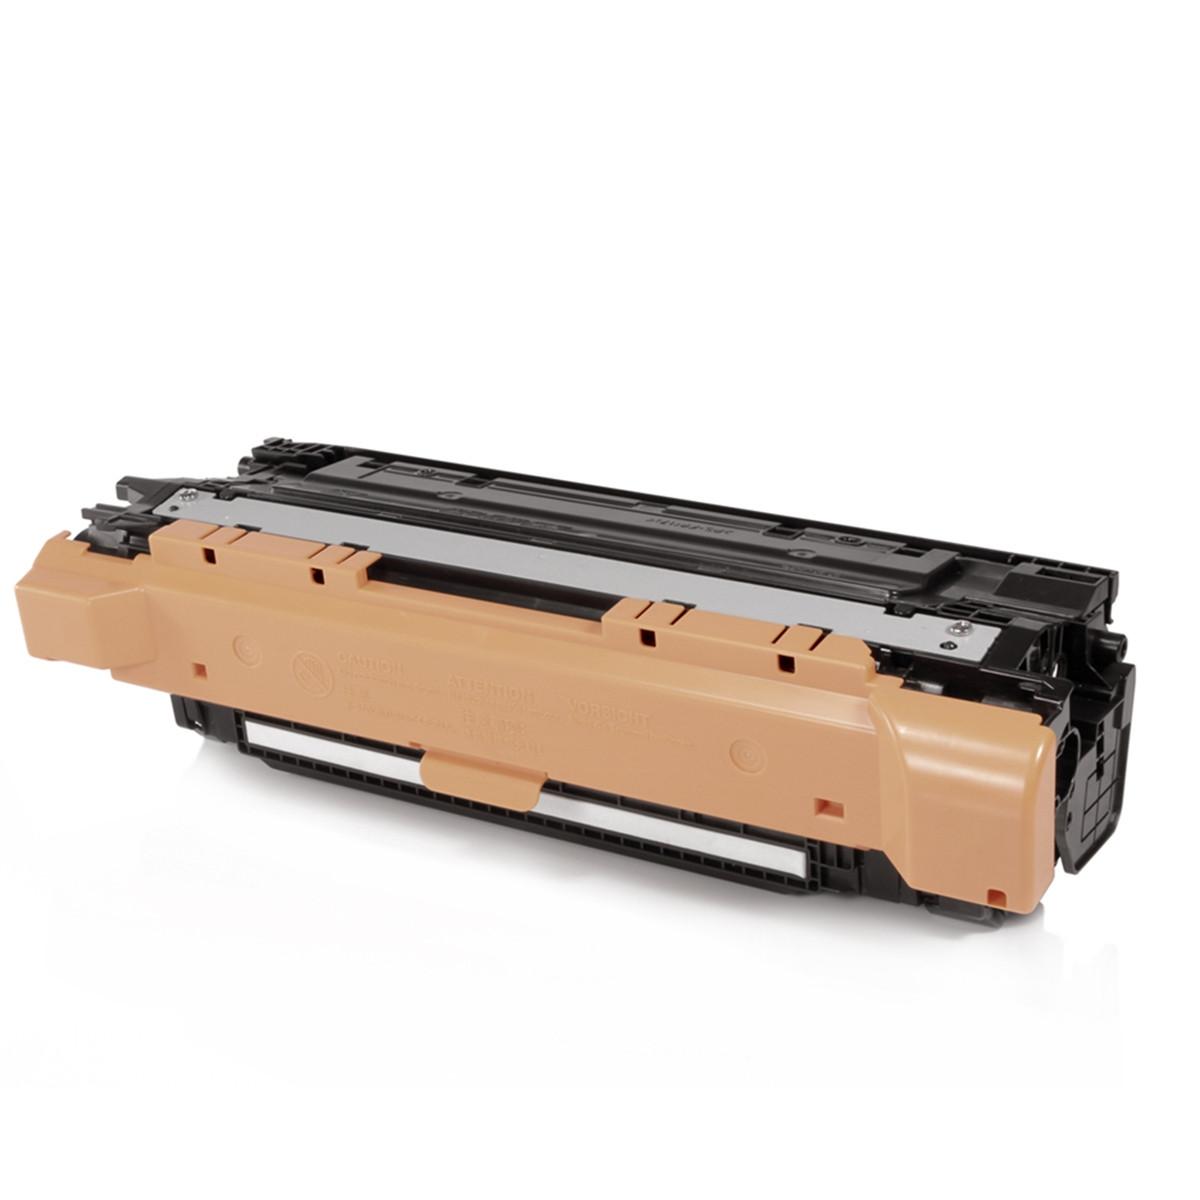 Toner Compatível com HP CE263A Magenta | CP4025 4520 CM4540 4025DN 4520DN 4525DN | Importado 11k